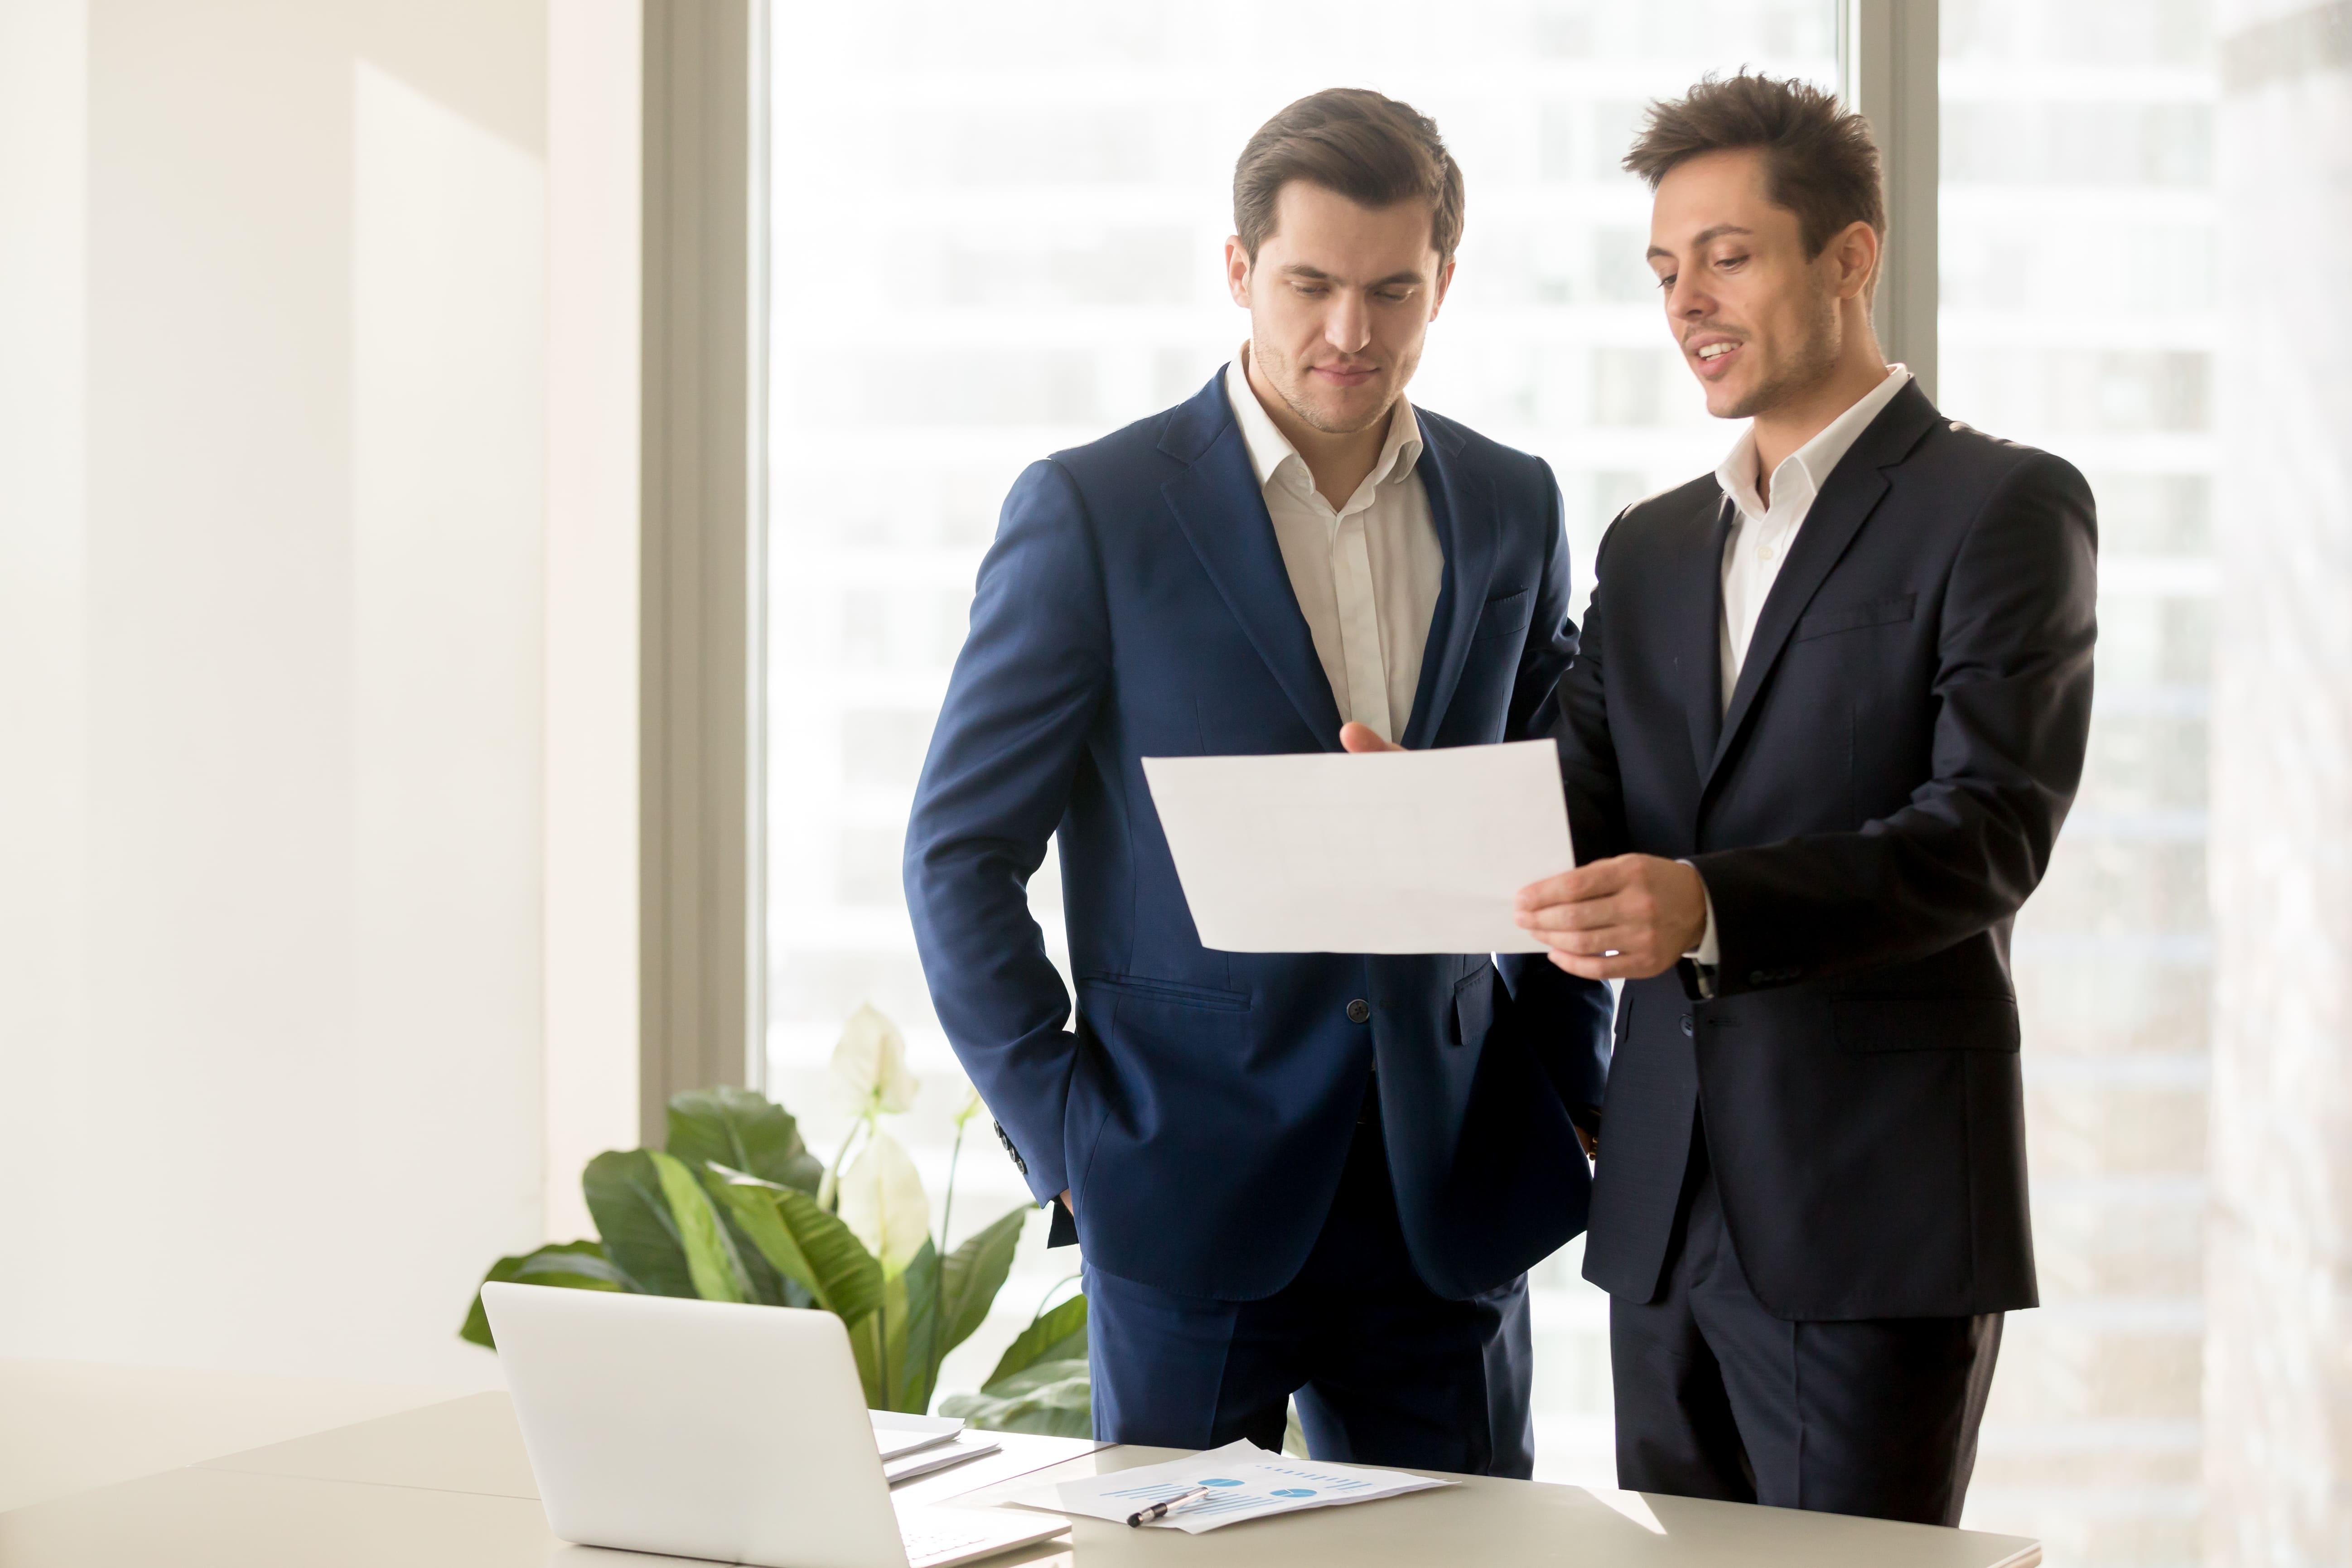 Imagem de duas pessoas lendo um papel depois que elas viram como elas podem melhorar o ambiente de trabalho